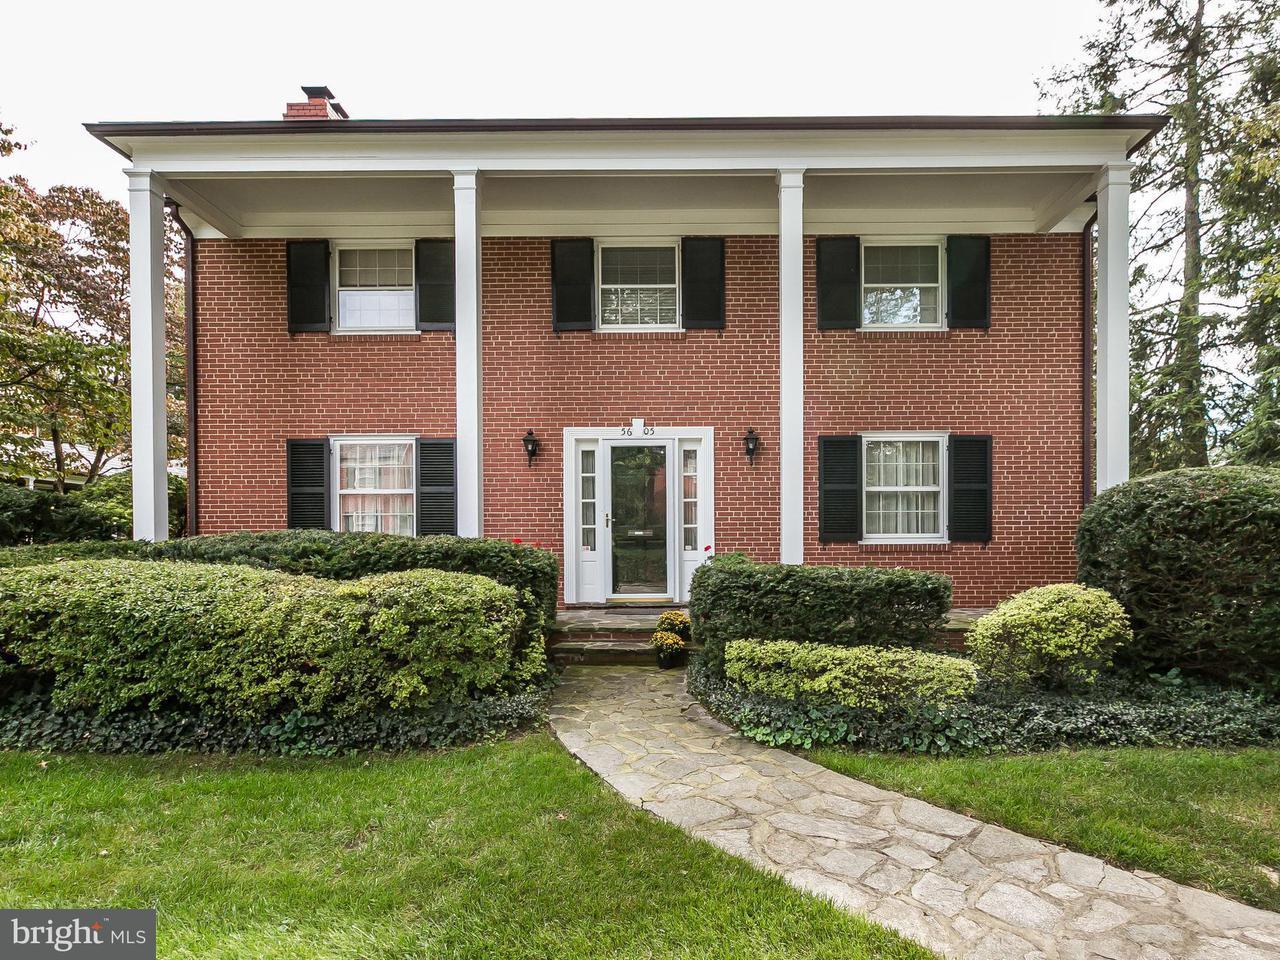 단독 가정 주택 용 매매 에 5605 ENDERLY Road 5605 ENDERLY Road Baltimore, 메릴랜드 21212 미국